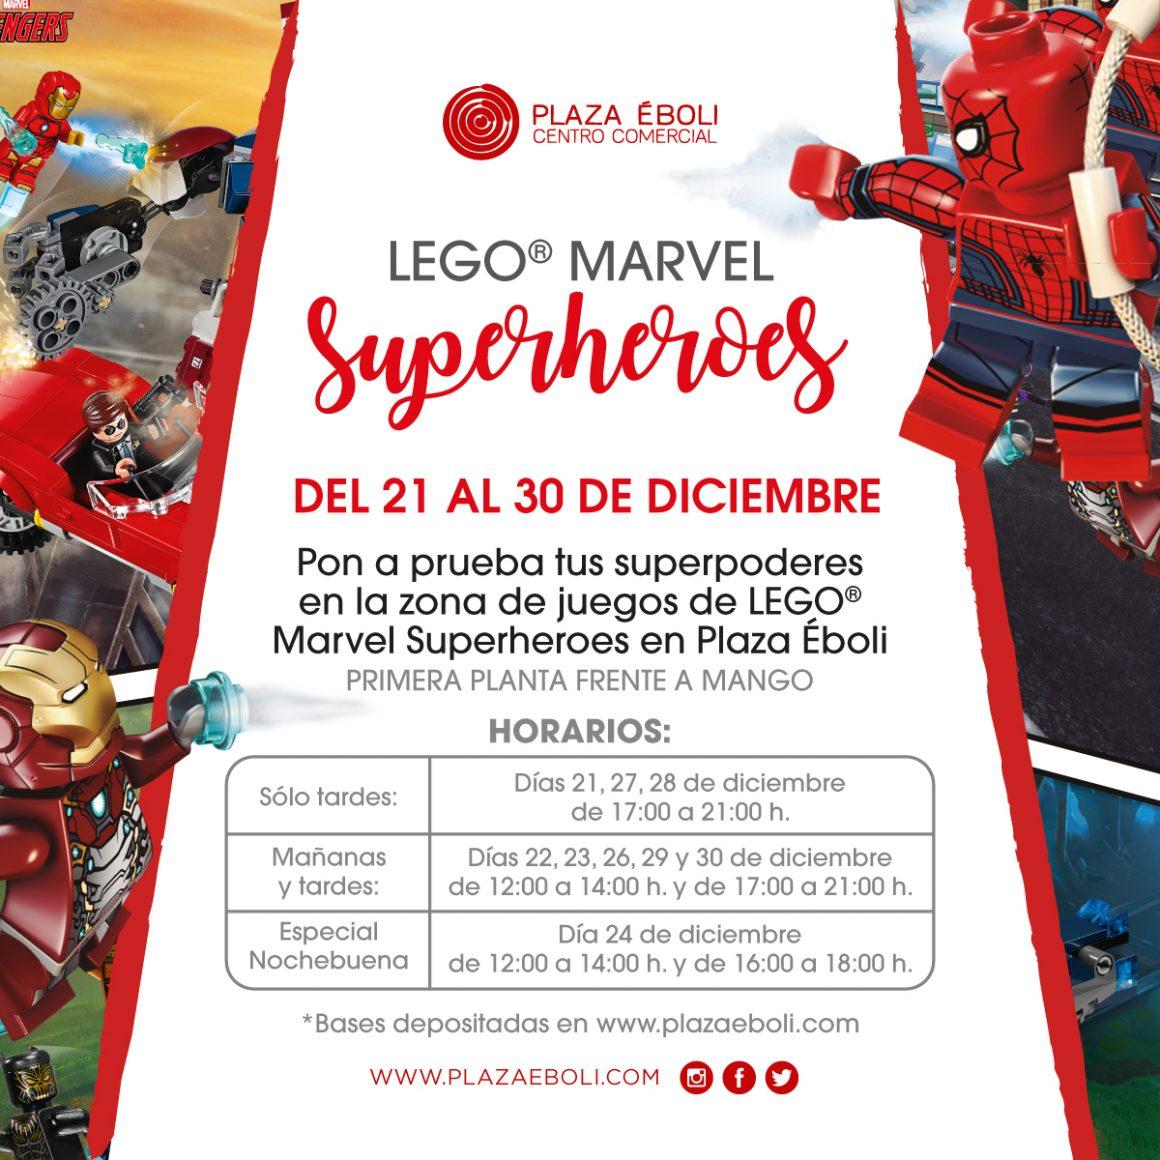 Llegan los Superhéroes de Lego Marvel